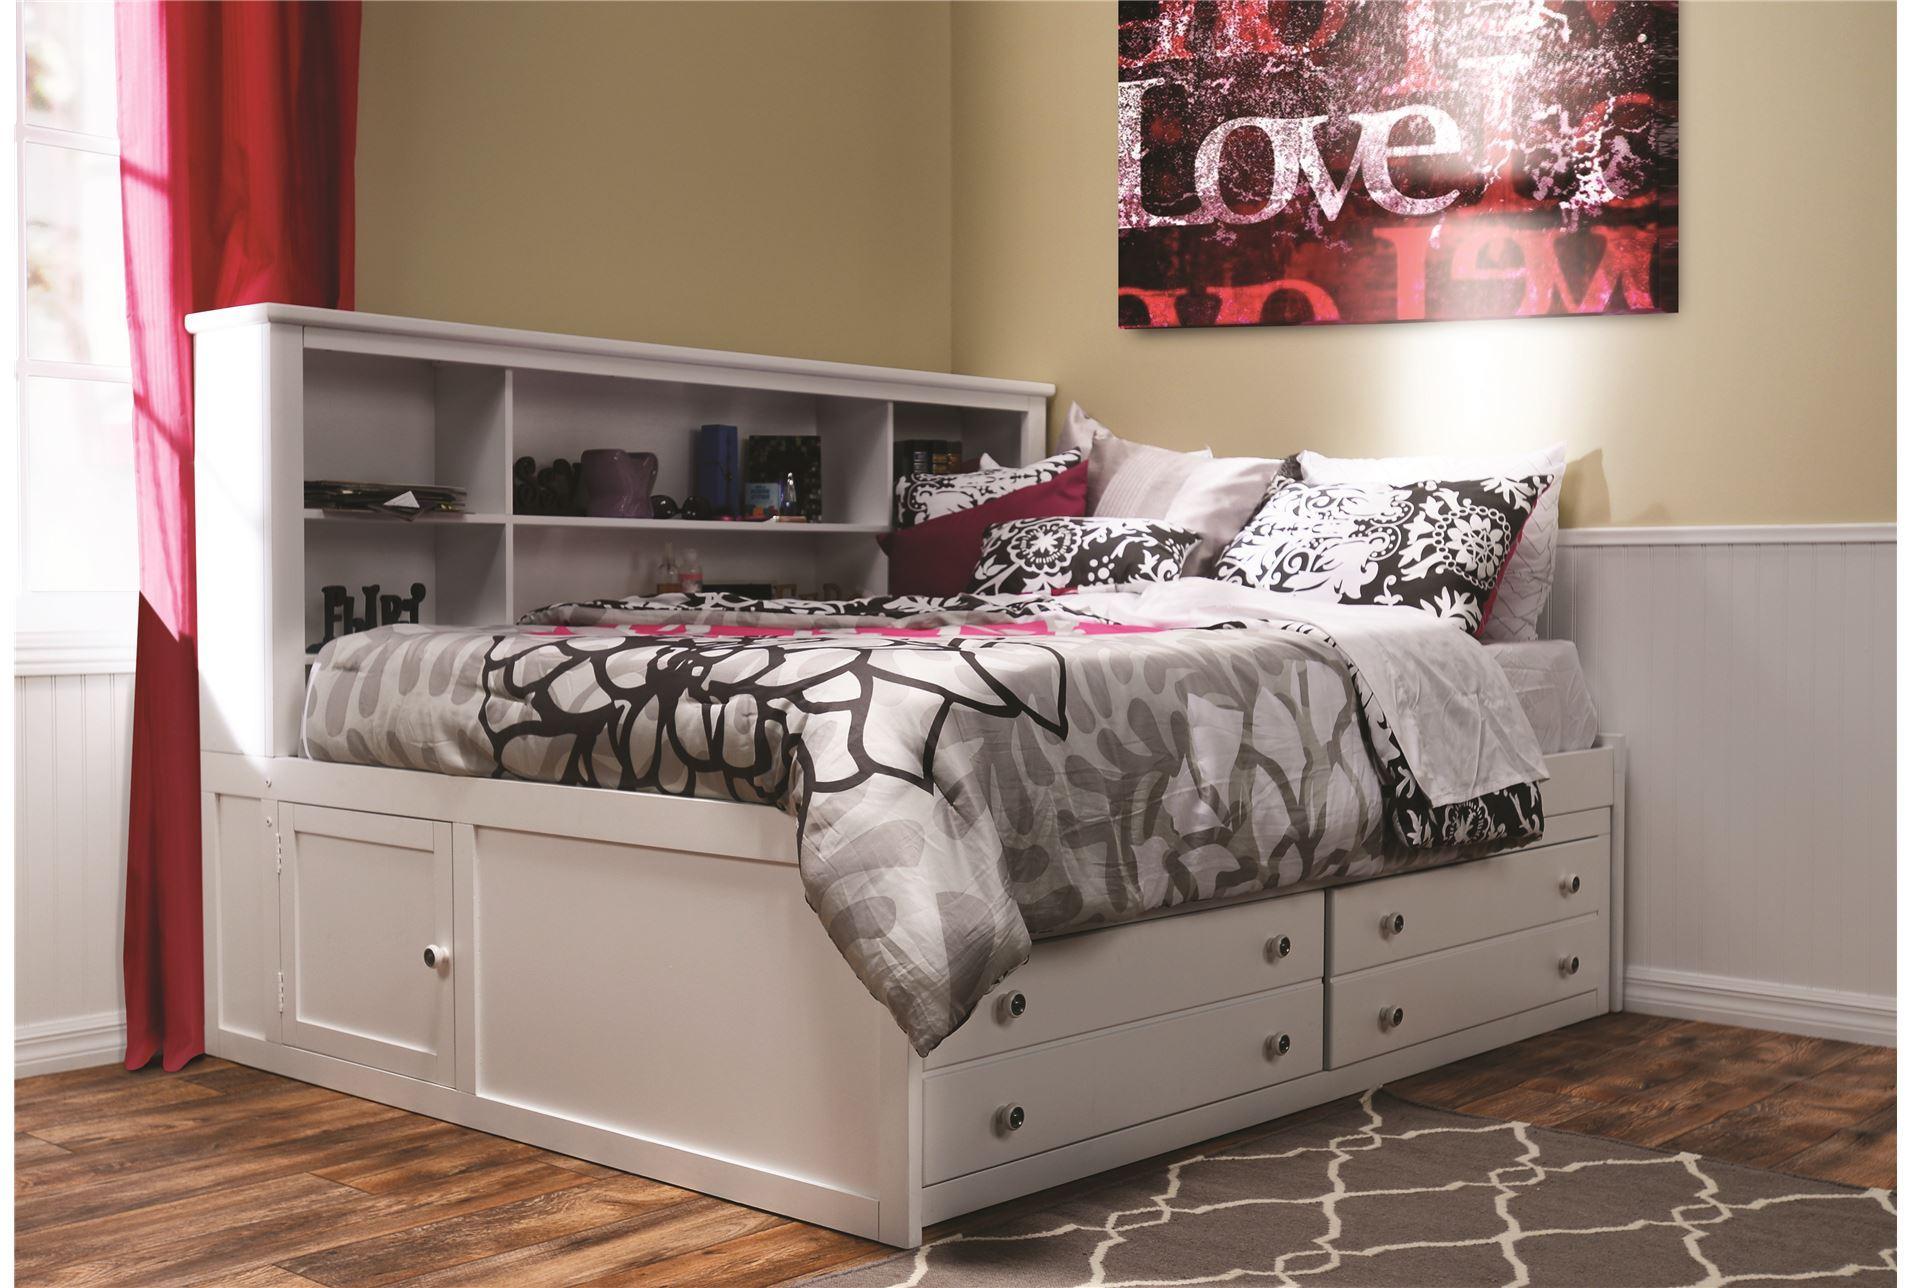 bayfront full lounge bed living spaces. Black Bedroom Furniture Sets. Home Design Ideas